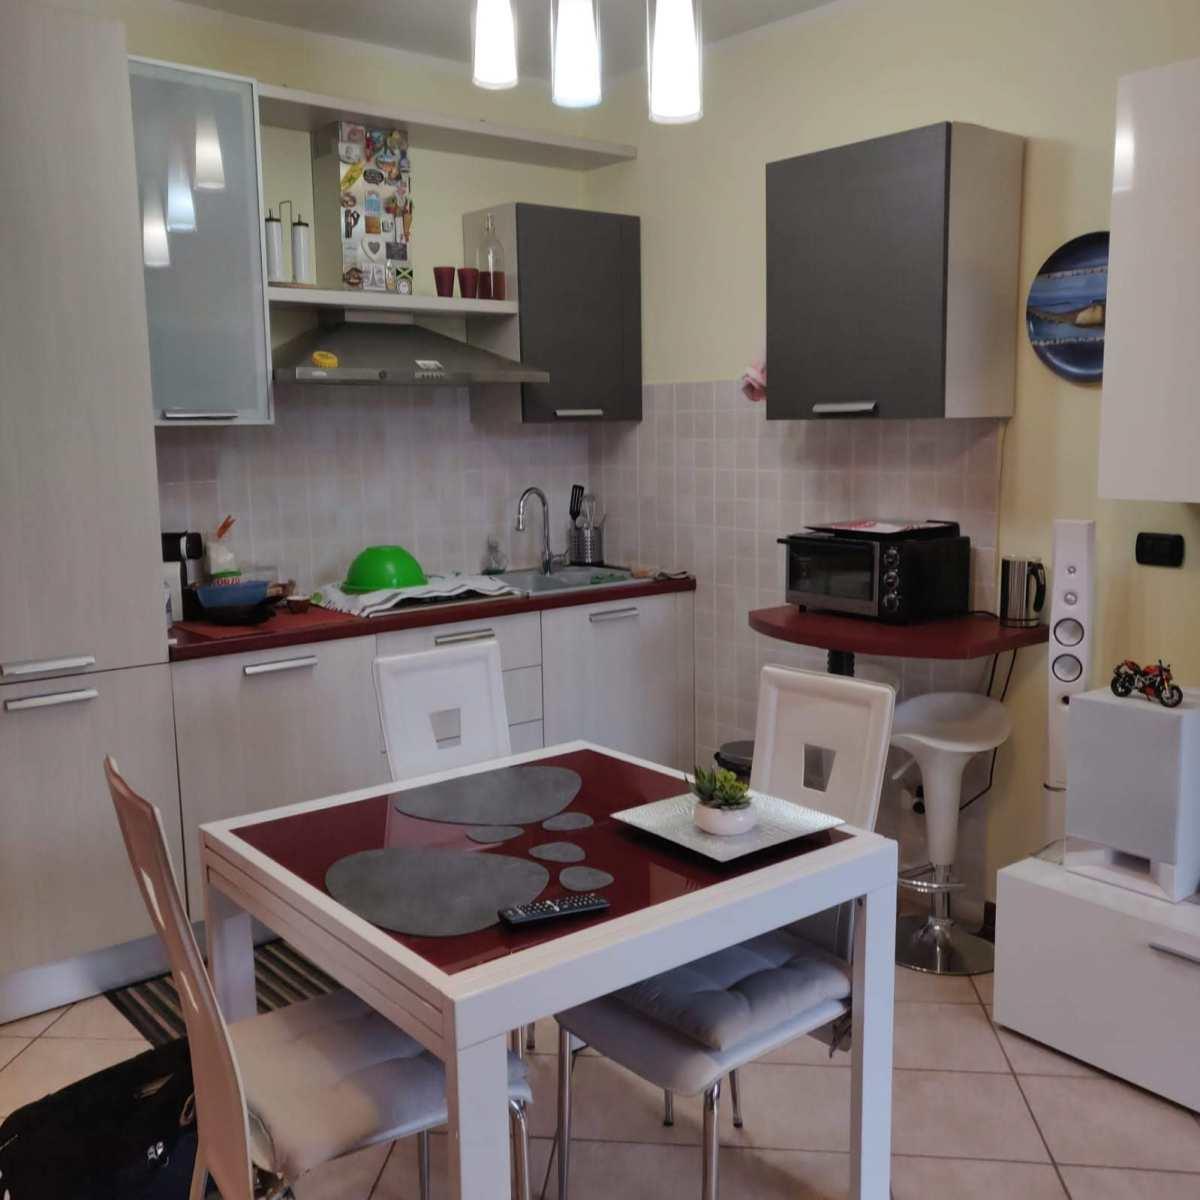 appartamento-in-vendita-milano-muggiano-3-locali-trilocale-spaziourbano-immobiliare-vende-17